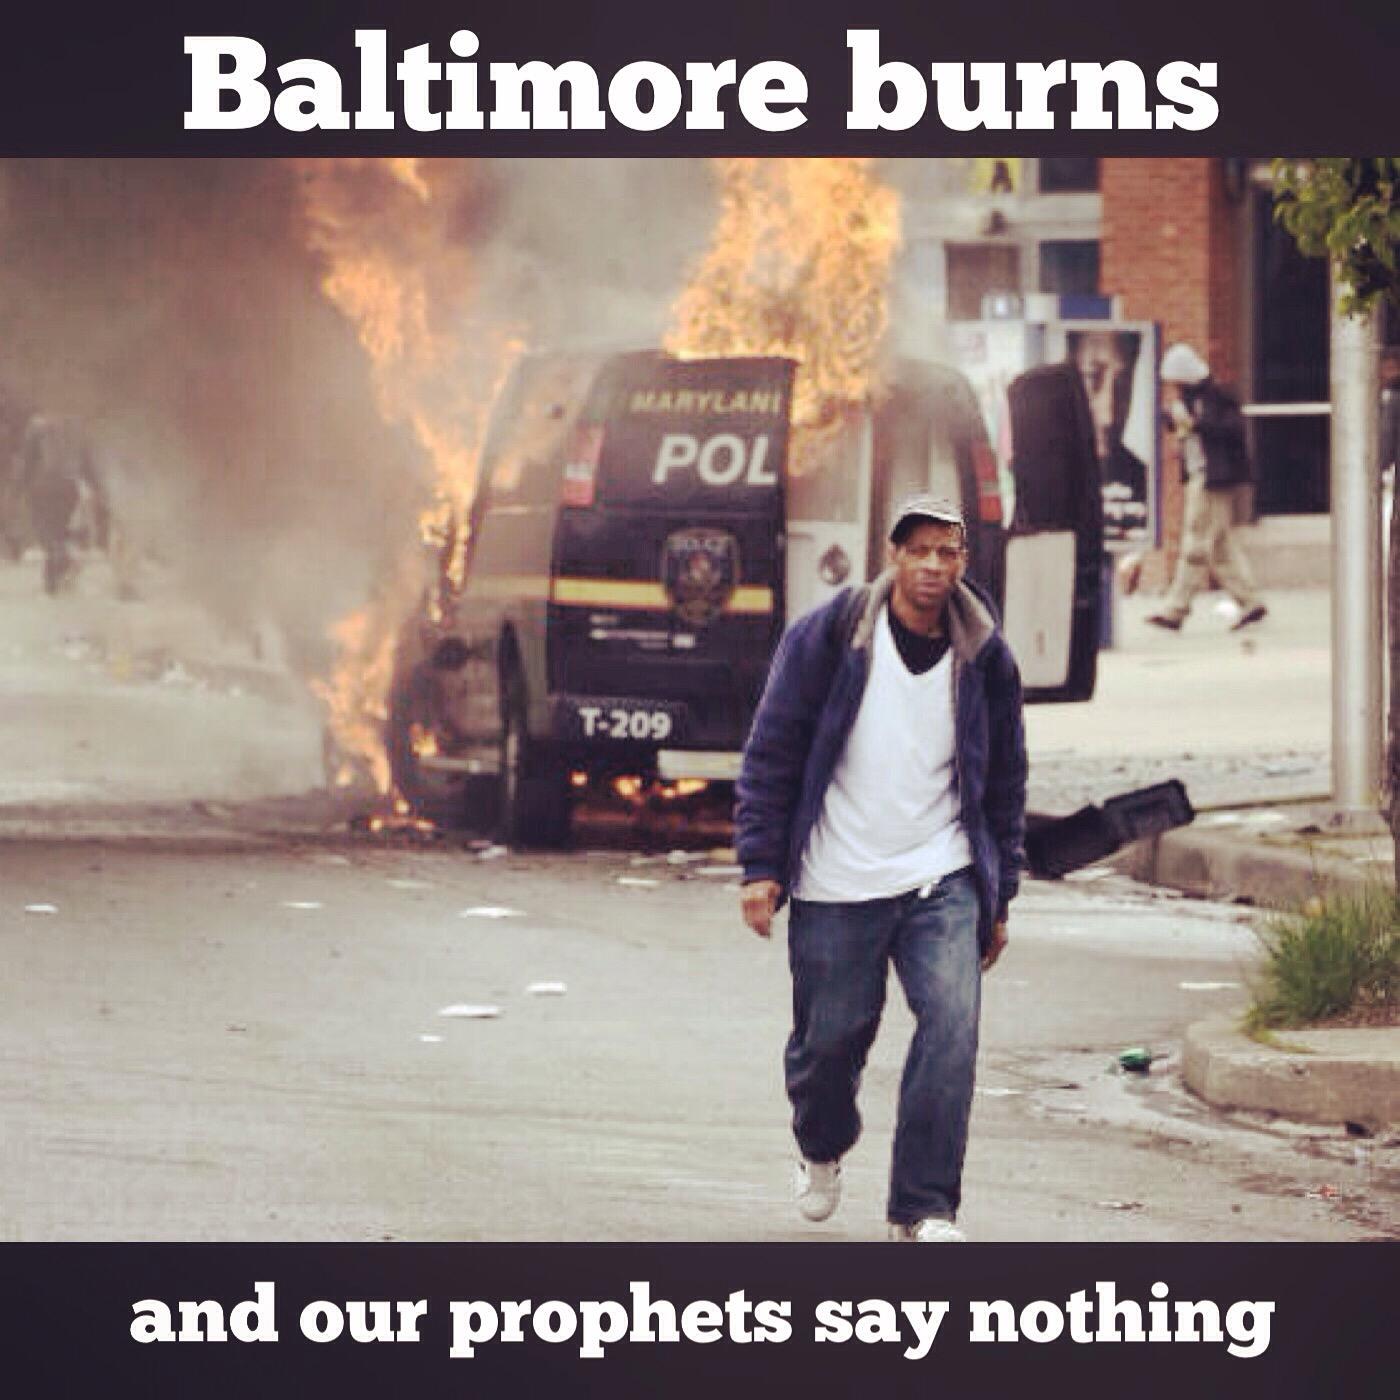 Silent prophets